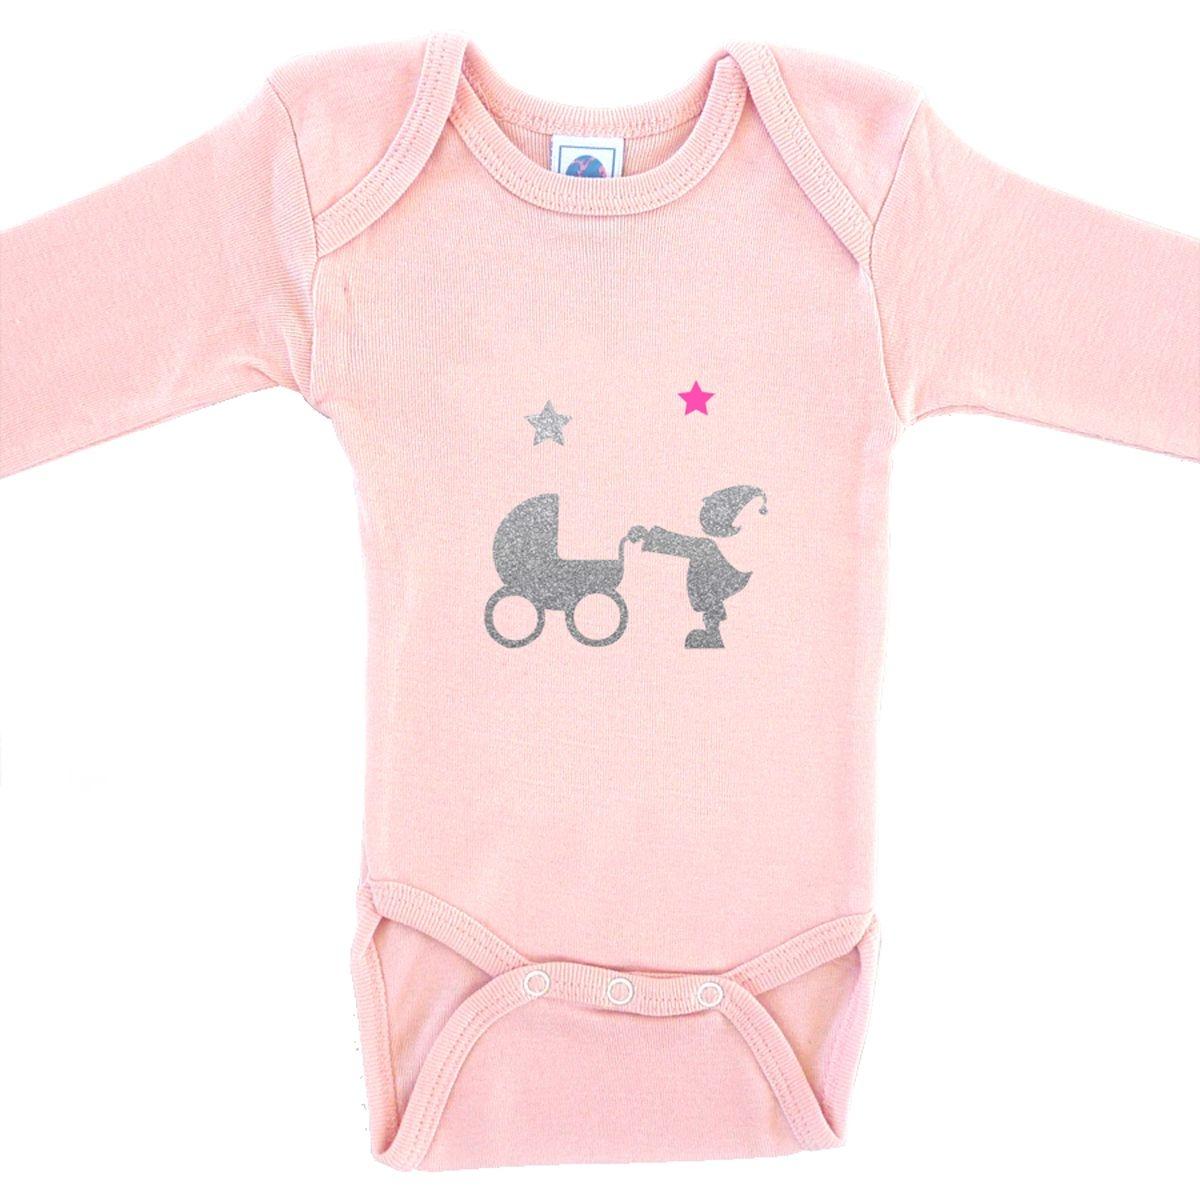 Body bébé en coton manches longues rose